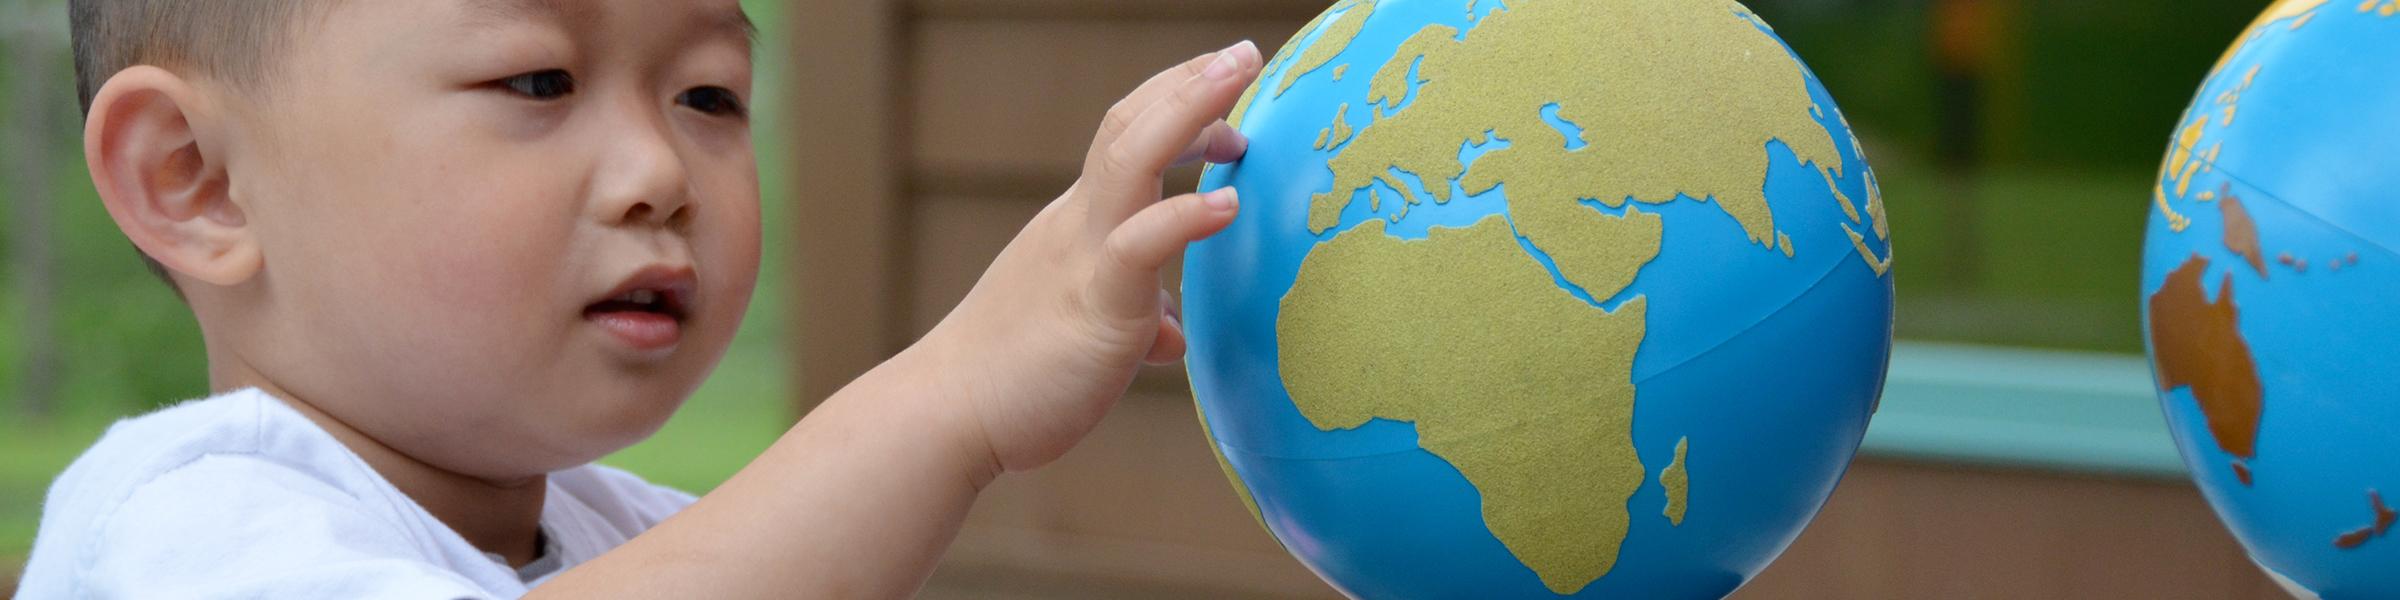 Find Your Country Montessori Sandpaper Globe